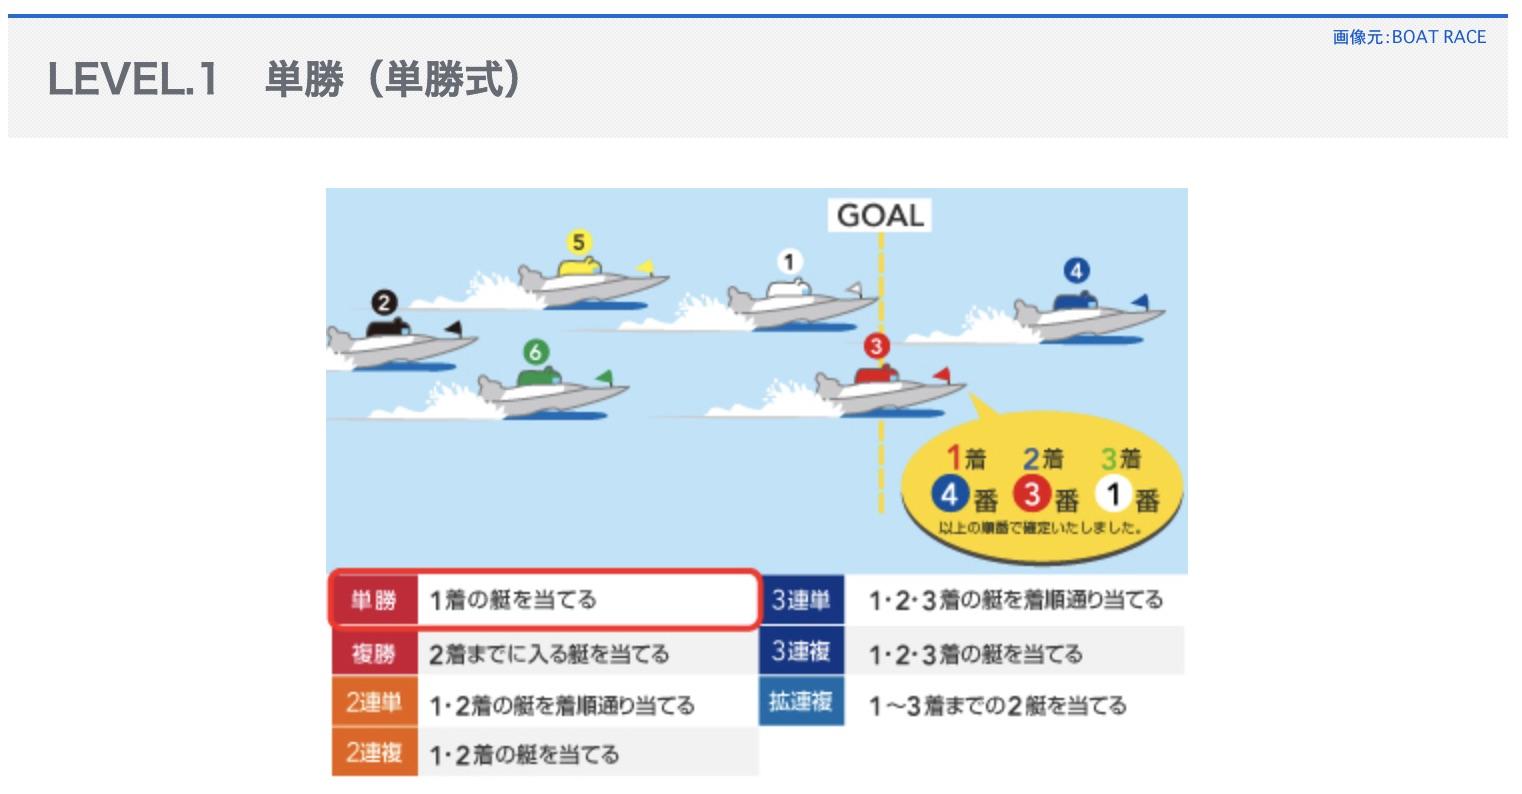 単勝式という競艇ボートレースの舟券の式別とは